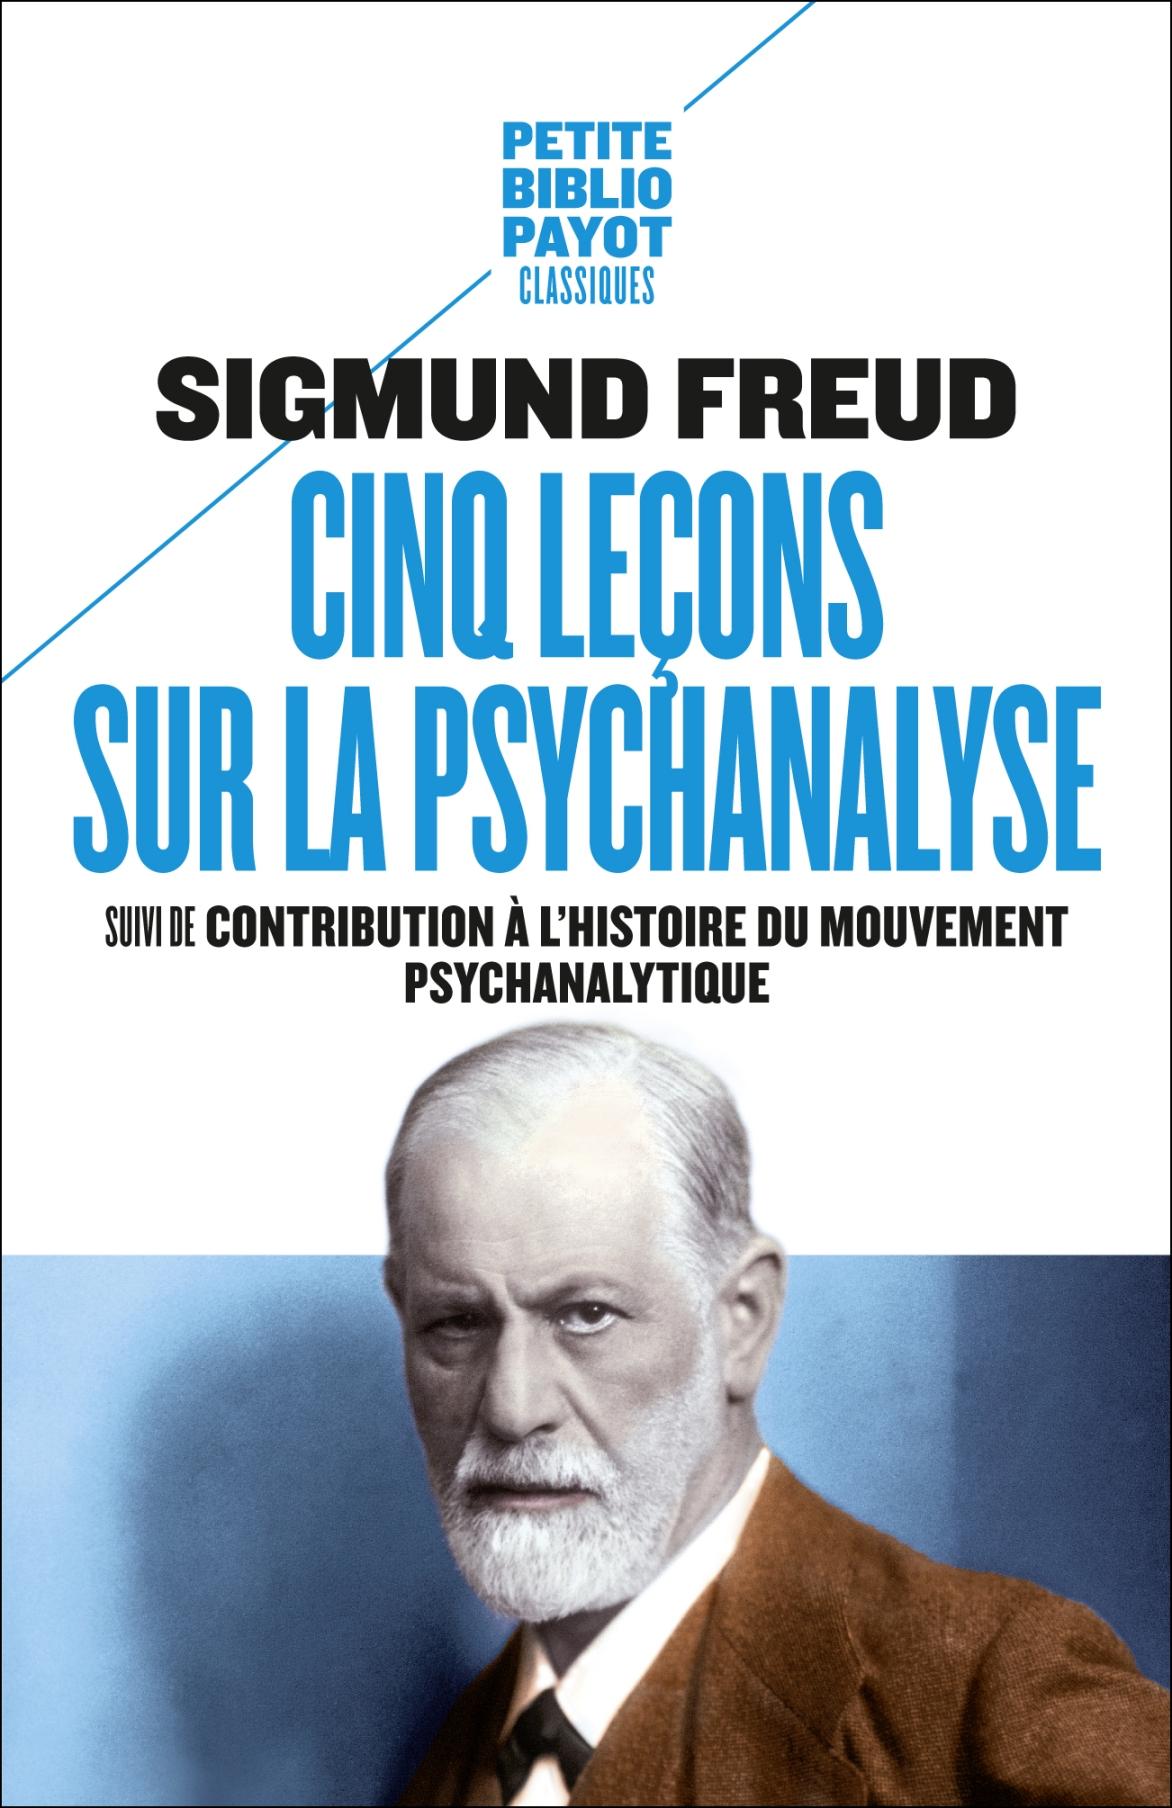 Cinq leçons sur la psychanalyse